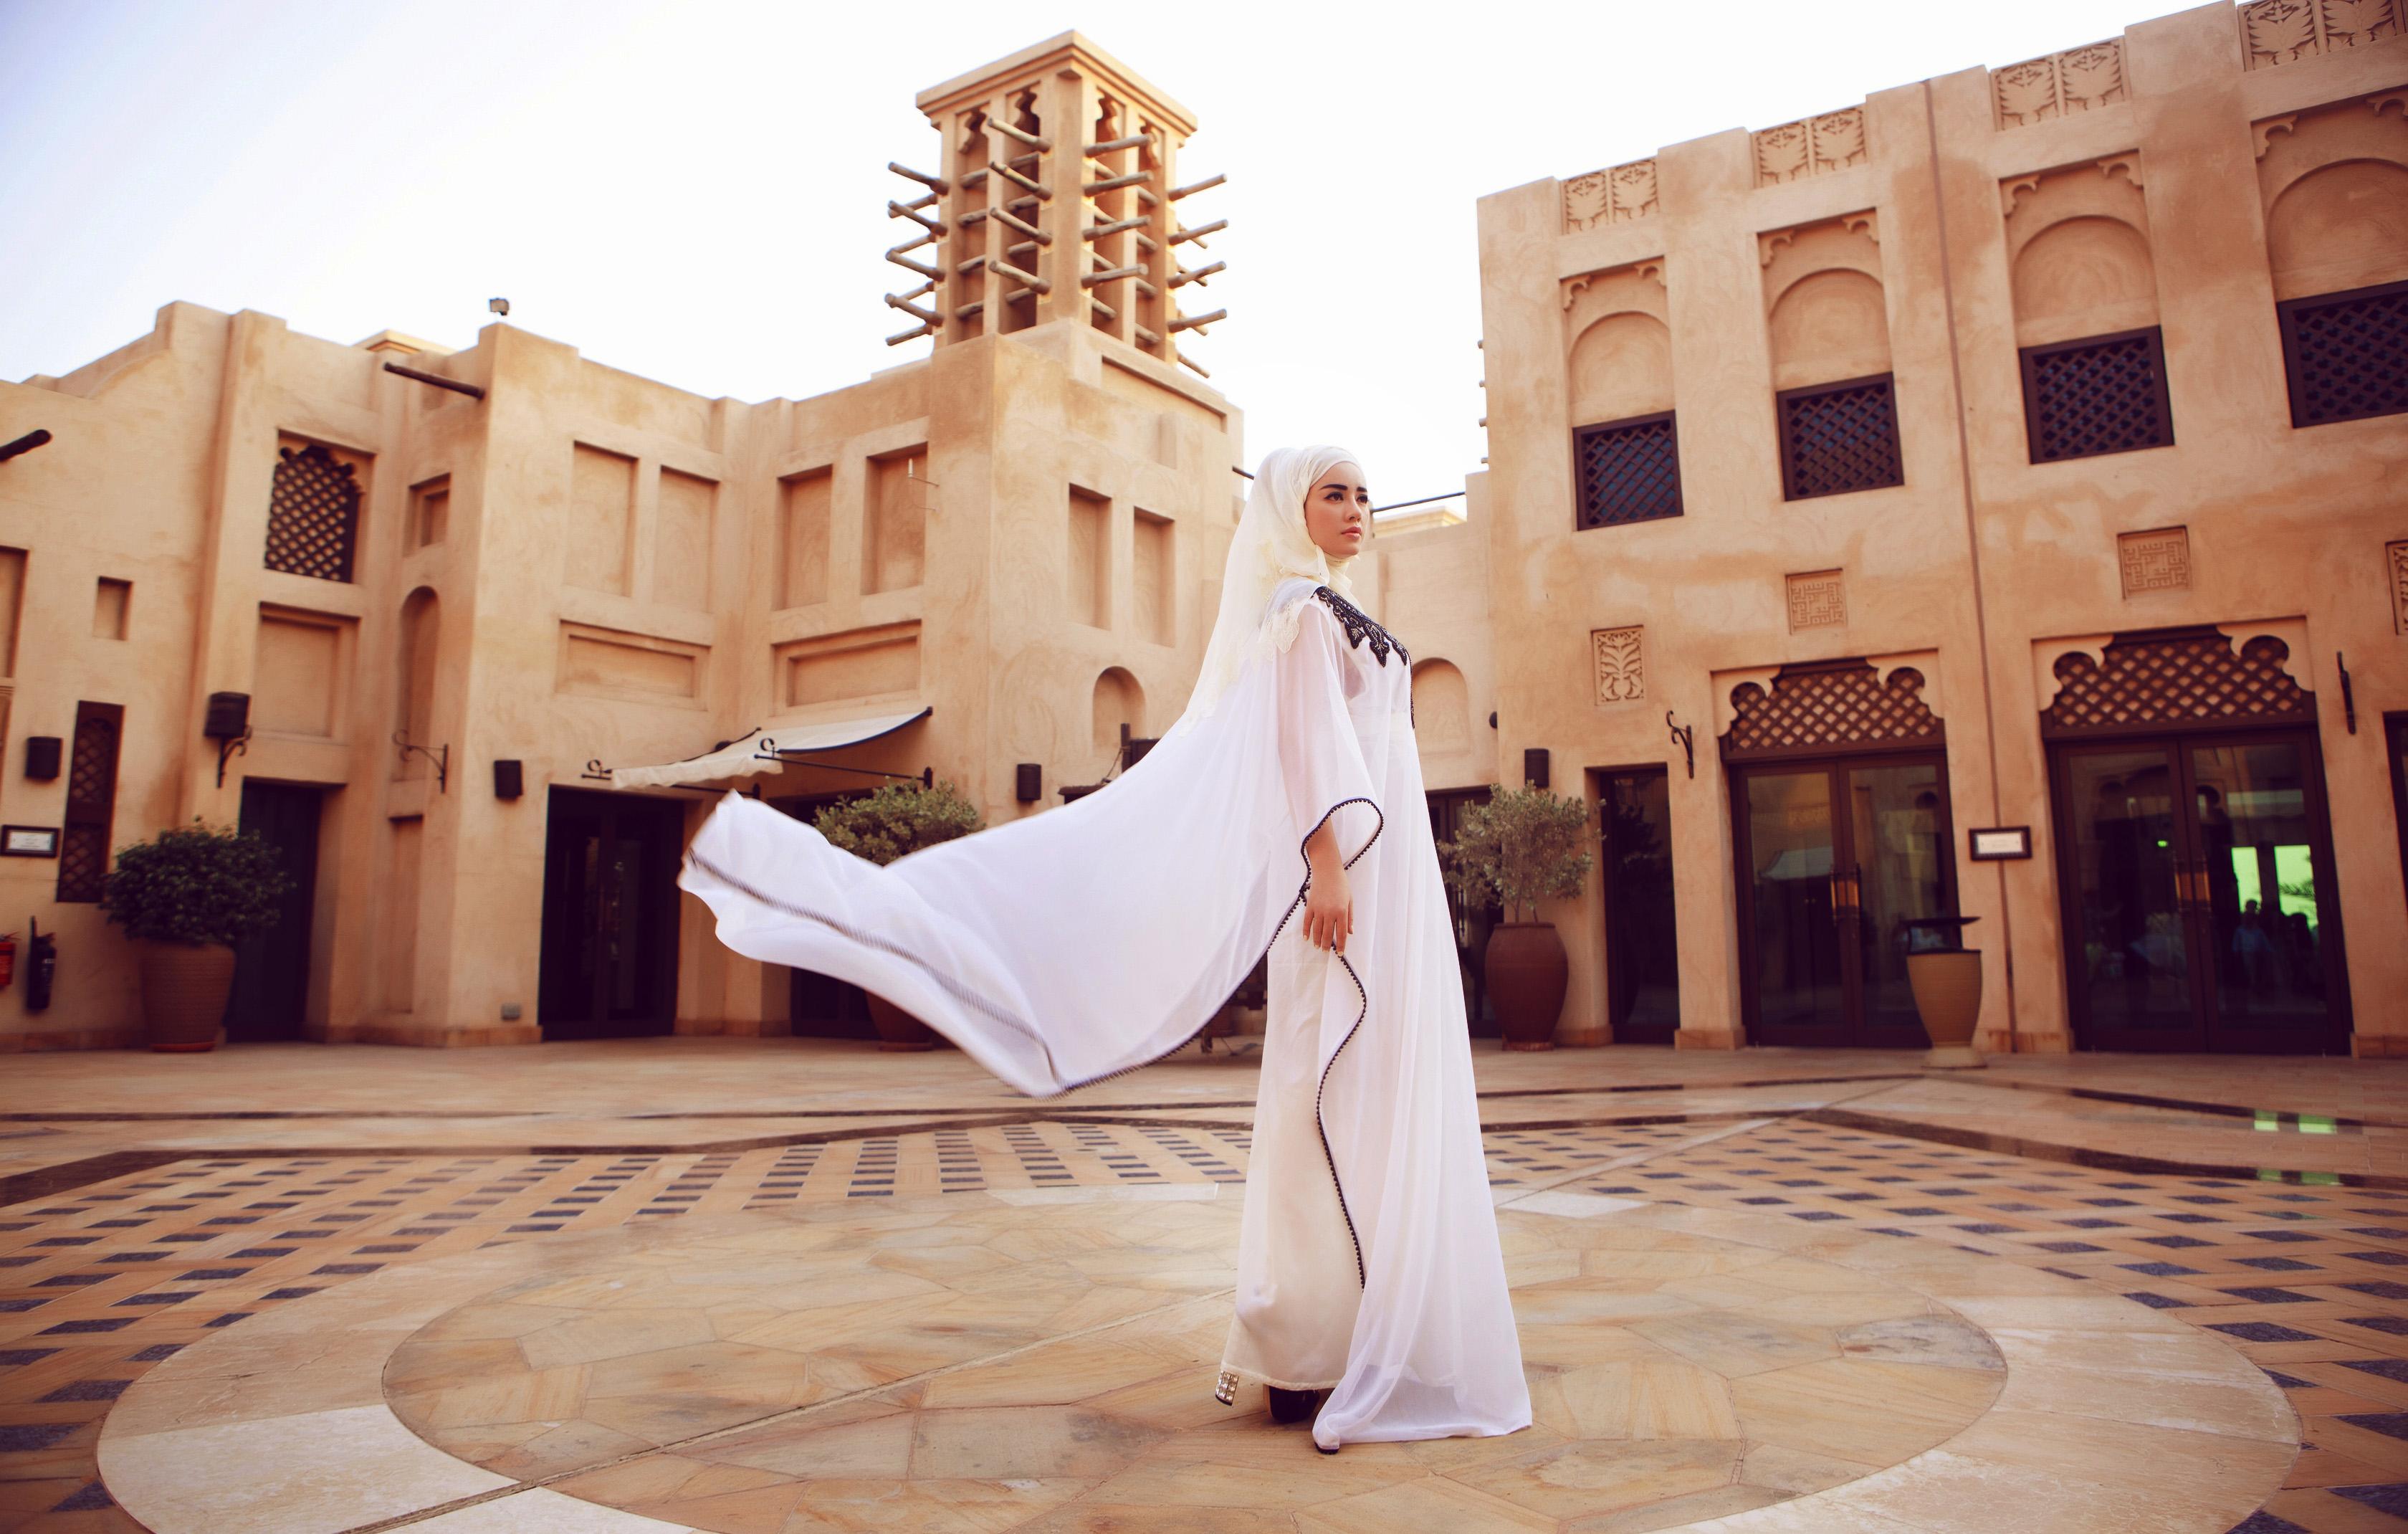 Lý Nhã Kỳ đẹp hút hồn trong trang phục phụ nữ Hồi giáo